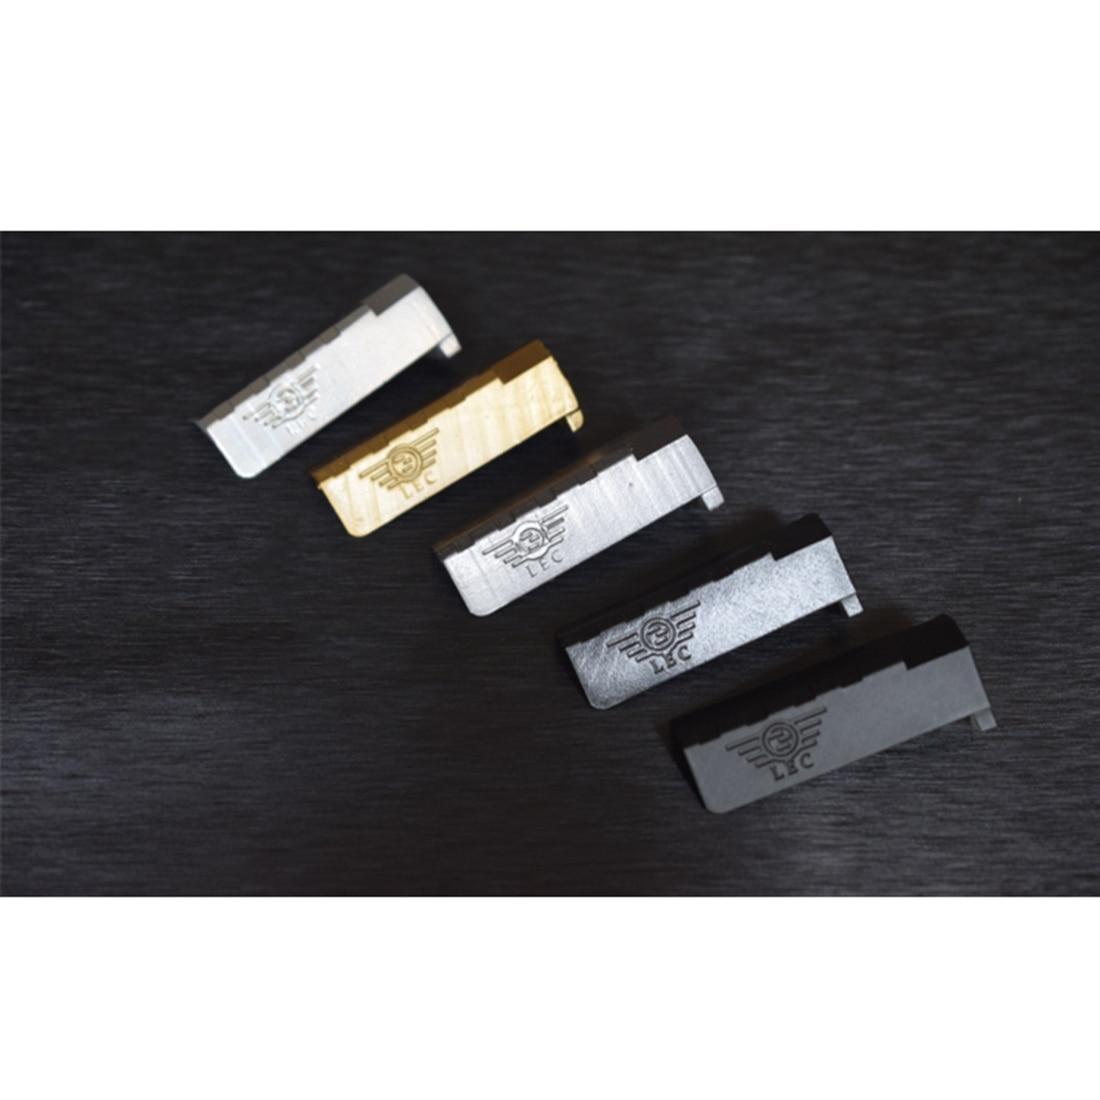 Kit de manchon coulissant en résine de polissage haute résistance pour SKD Glock G18-manchon coulissant en fer noir + fenêtre en métal Gel argenté - 5